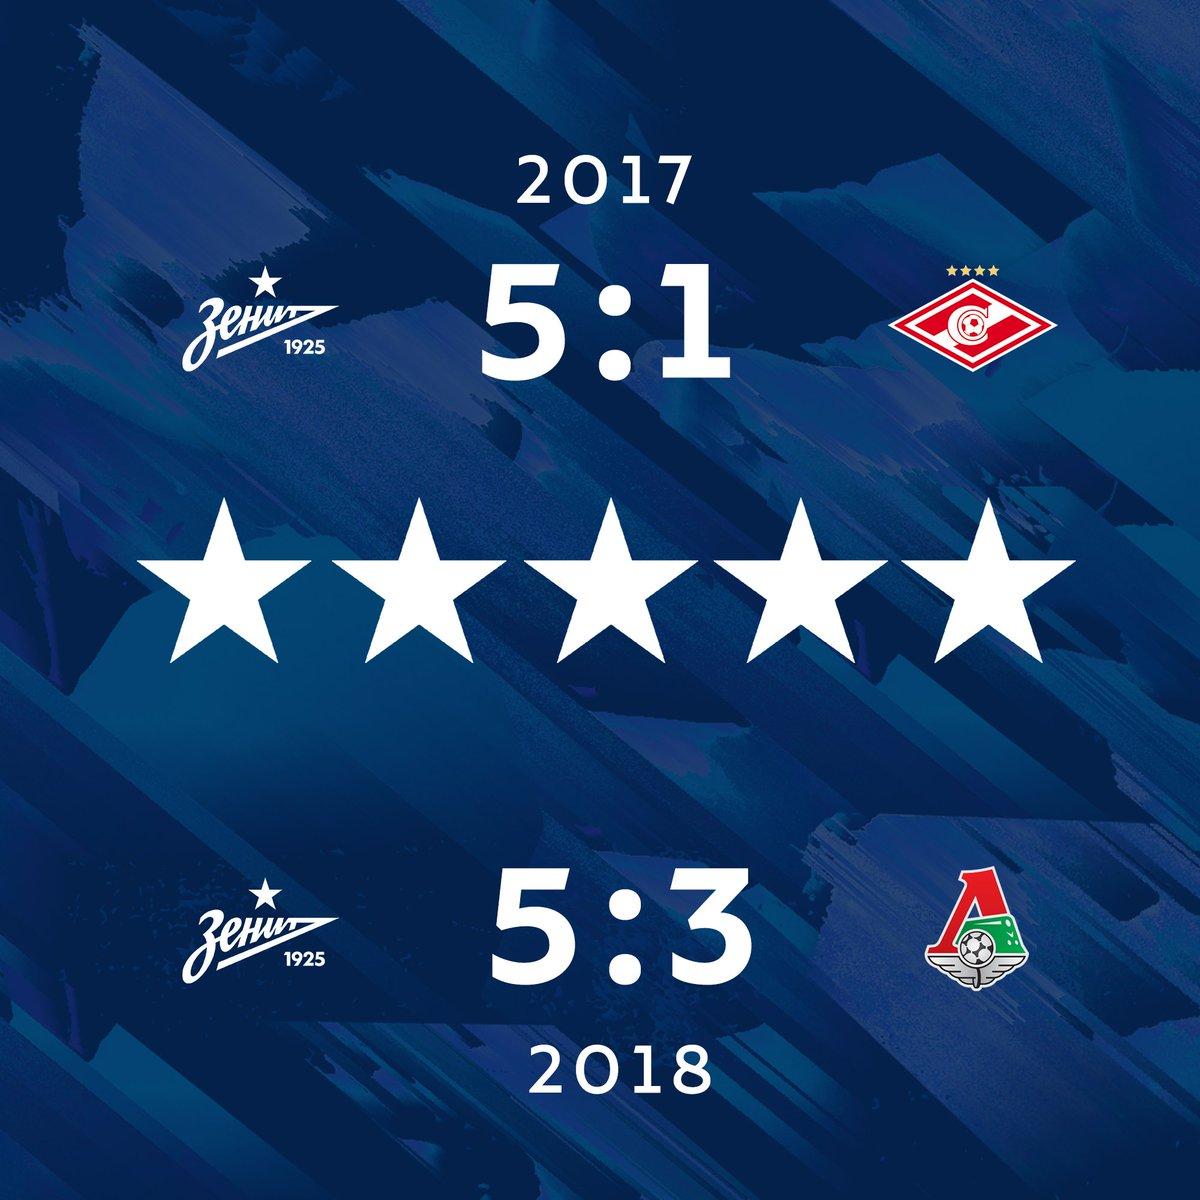 Действующие чемпионы на стадионе «Санкт-Петербург» #НовыеТрадиции #ВПитереПять